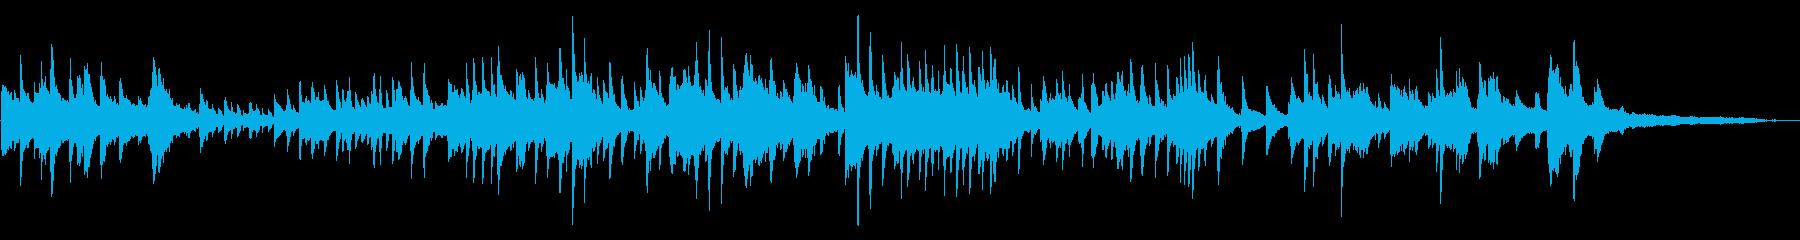 流れるような静かなピアノソロ楽曲の再生済みの波形